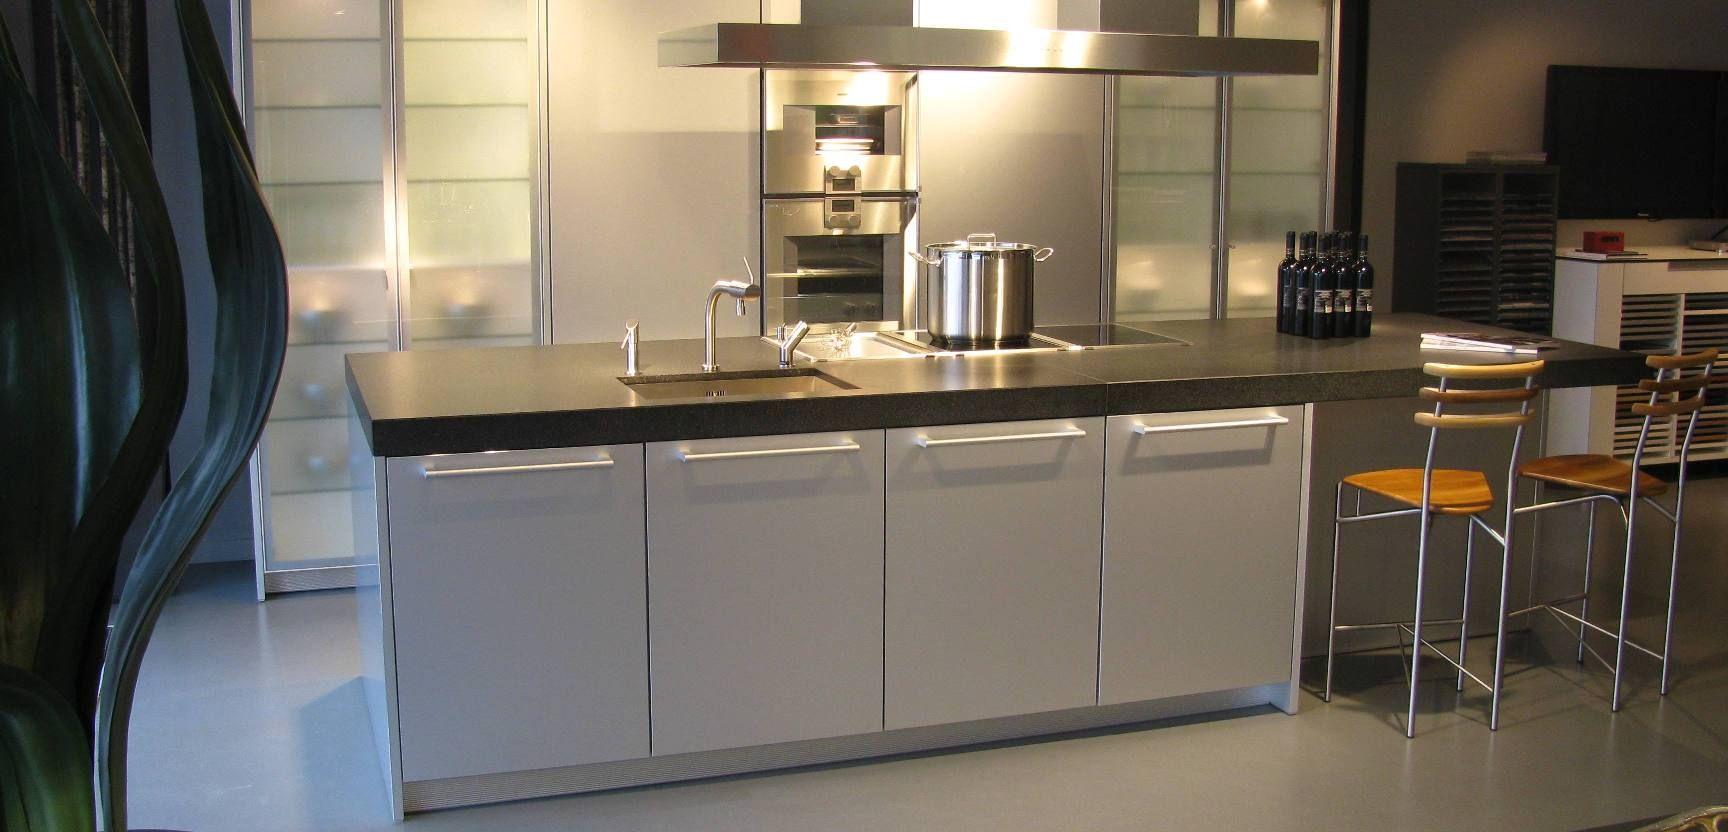 Showroomkeukens alle showroomkeuken aanbiedingen uit nederland keukens voor zeer lage keuken - Centrum eiland keuken prijs ...